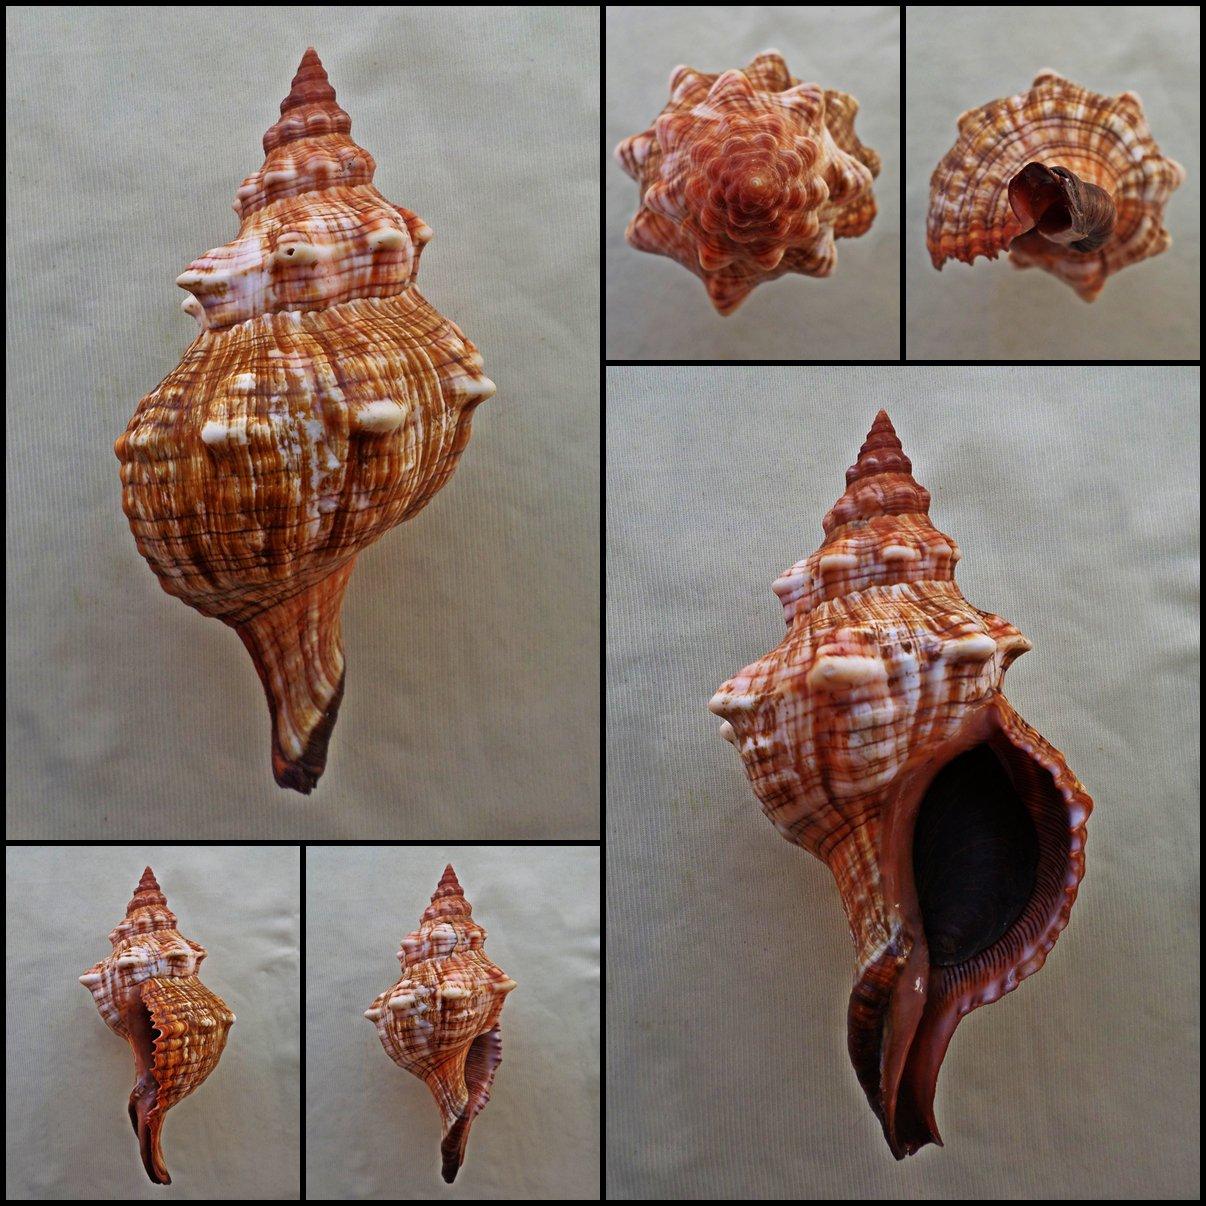 BLB06 - Pleuroploca trapezium